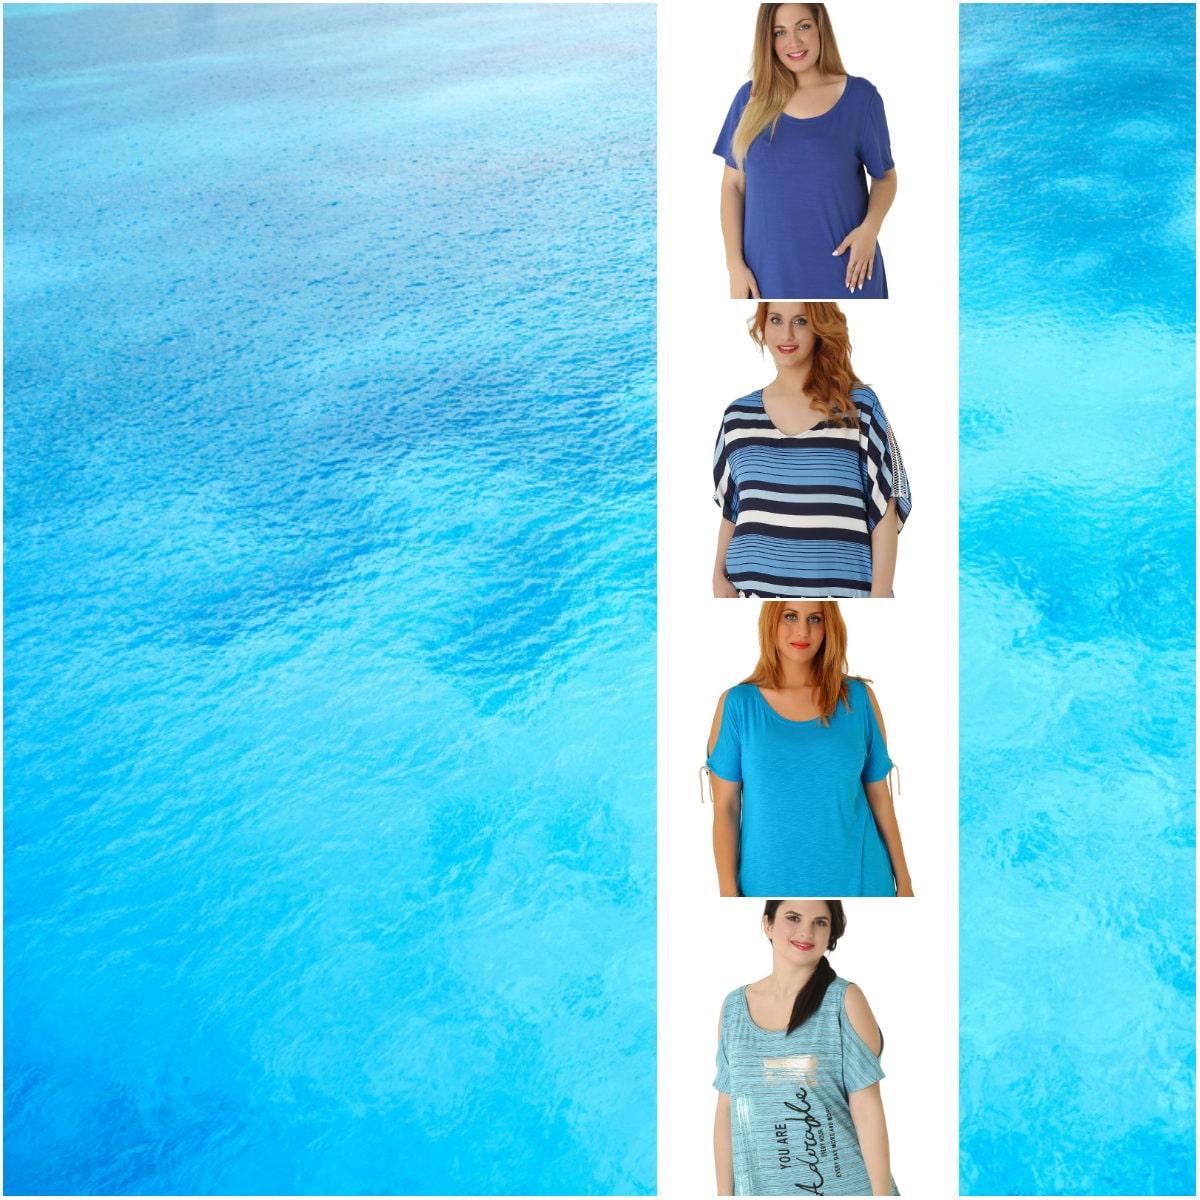 Sea breeze - Blue Tops